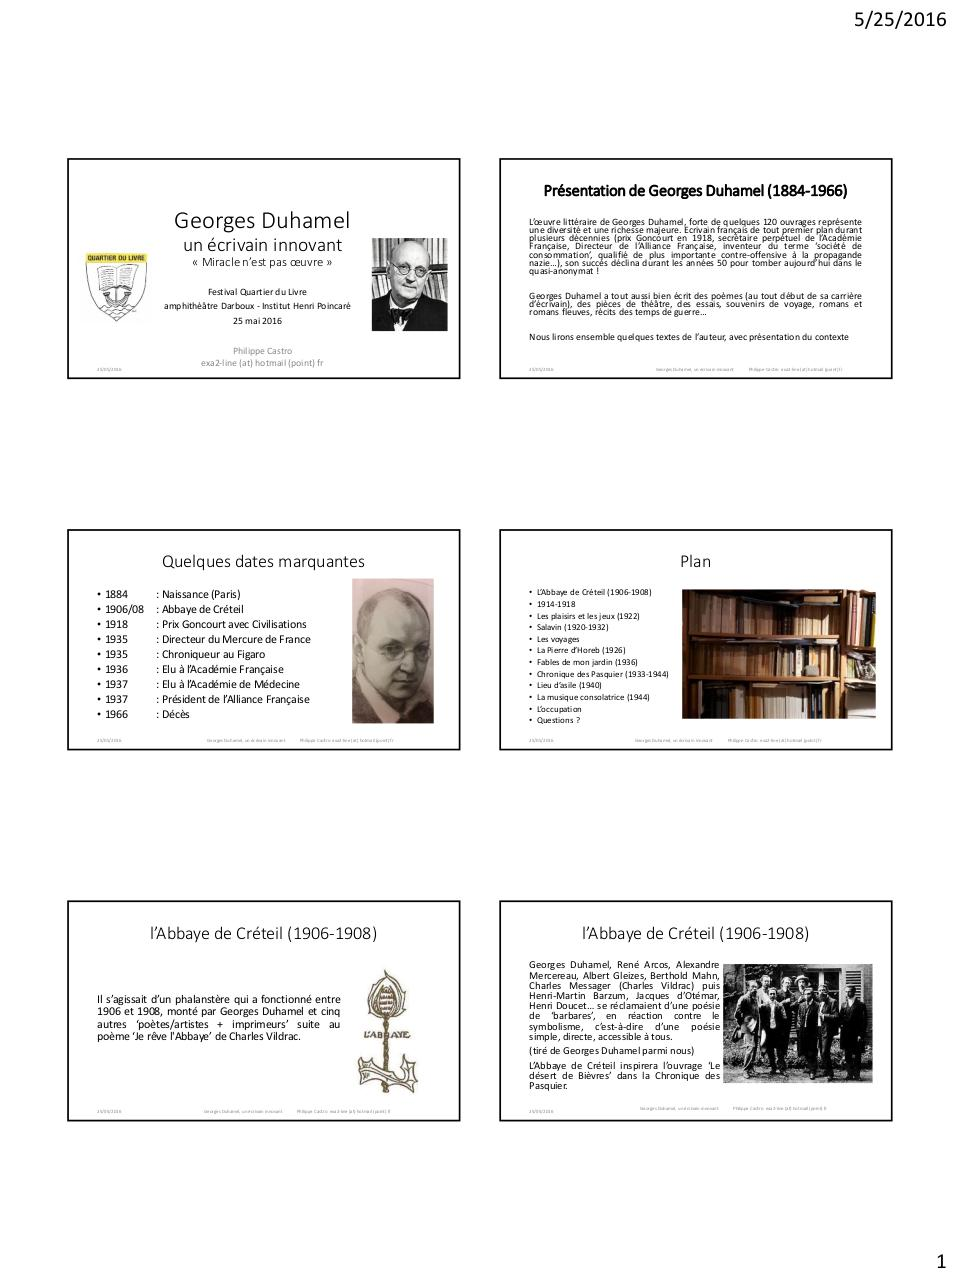 Georges Duhamel Un Ecrivain Innovant Par Philippe Castro